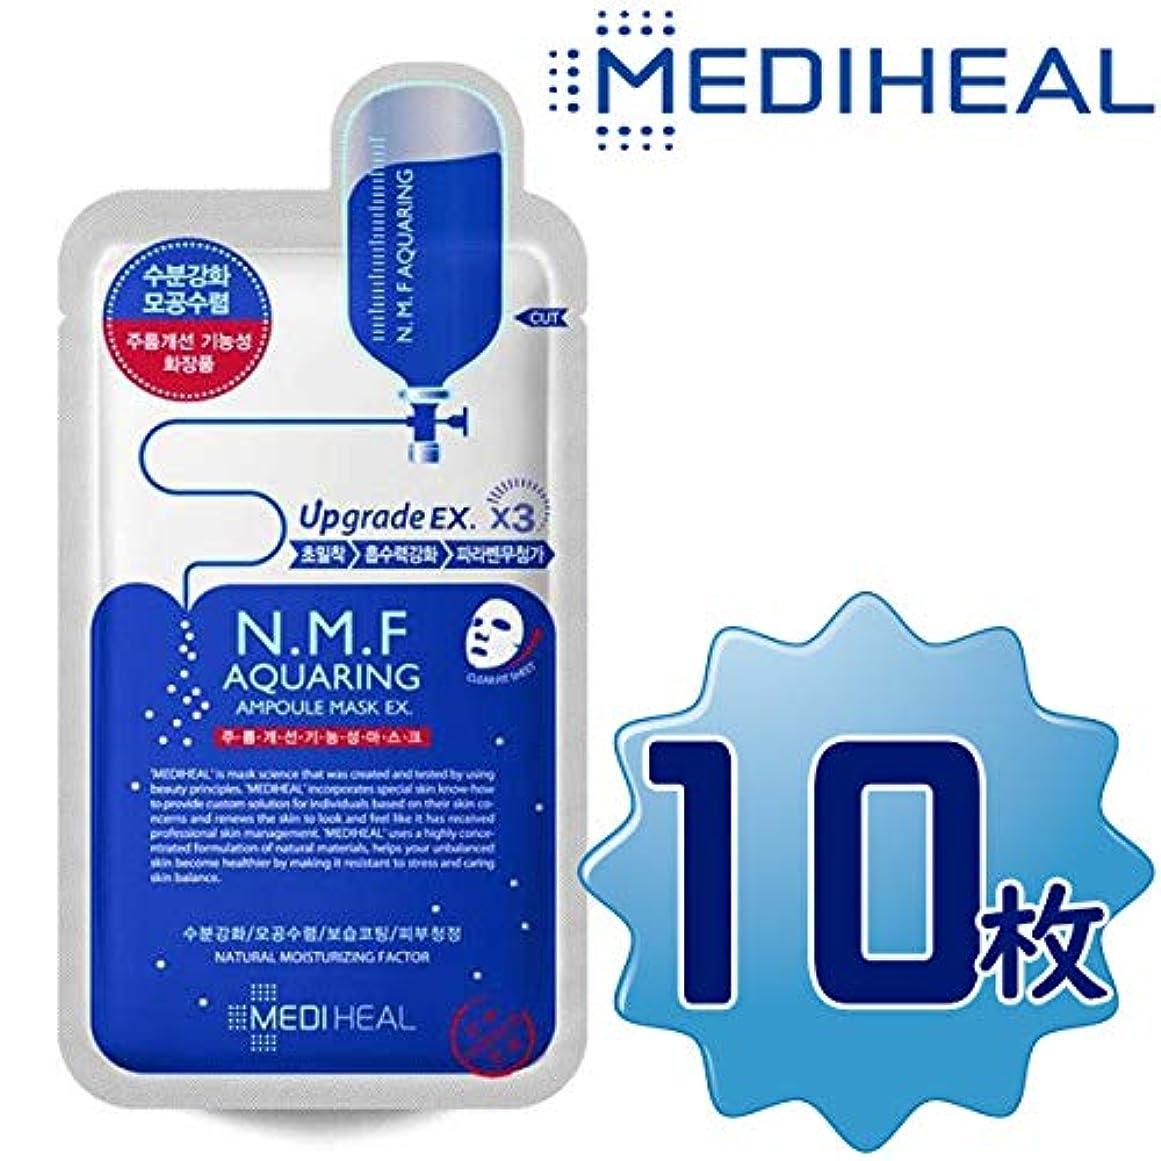 組縮れたスカルク【正規輸入品】Mediheal メディヒール N.M.F アクアリング アンプル?マスクパックEX 10枚入り×1(Aquaring Ampoule Essential Mask PackEX 1box(10sheet)×1